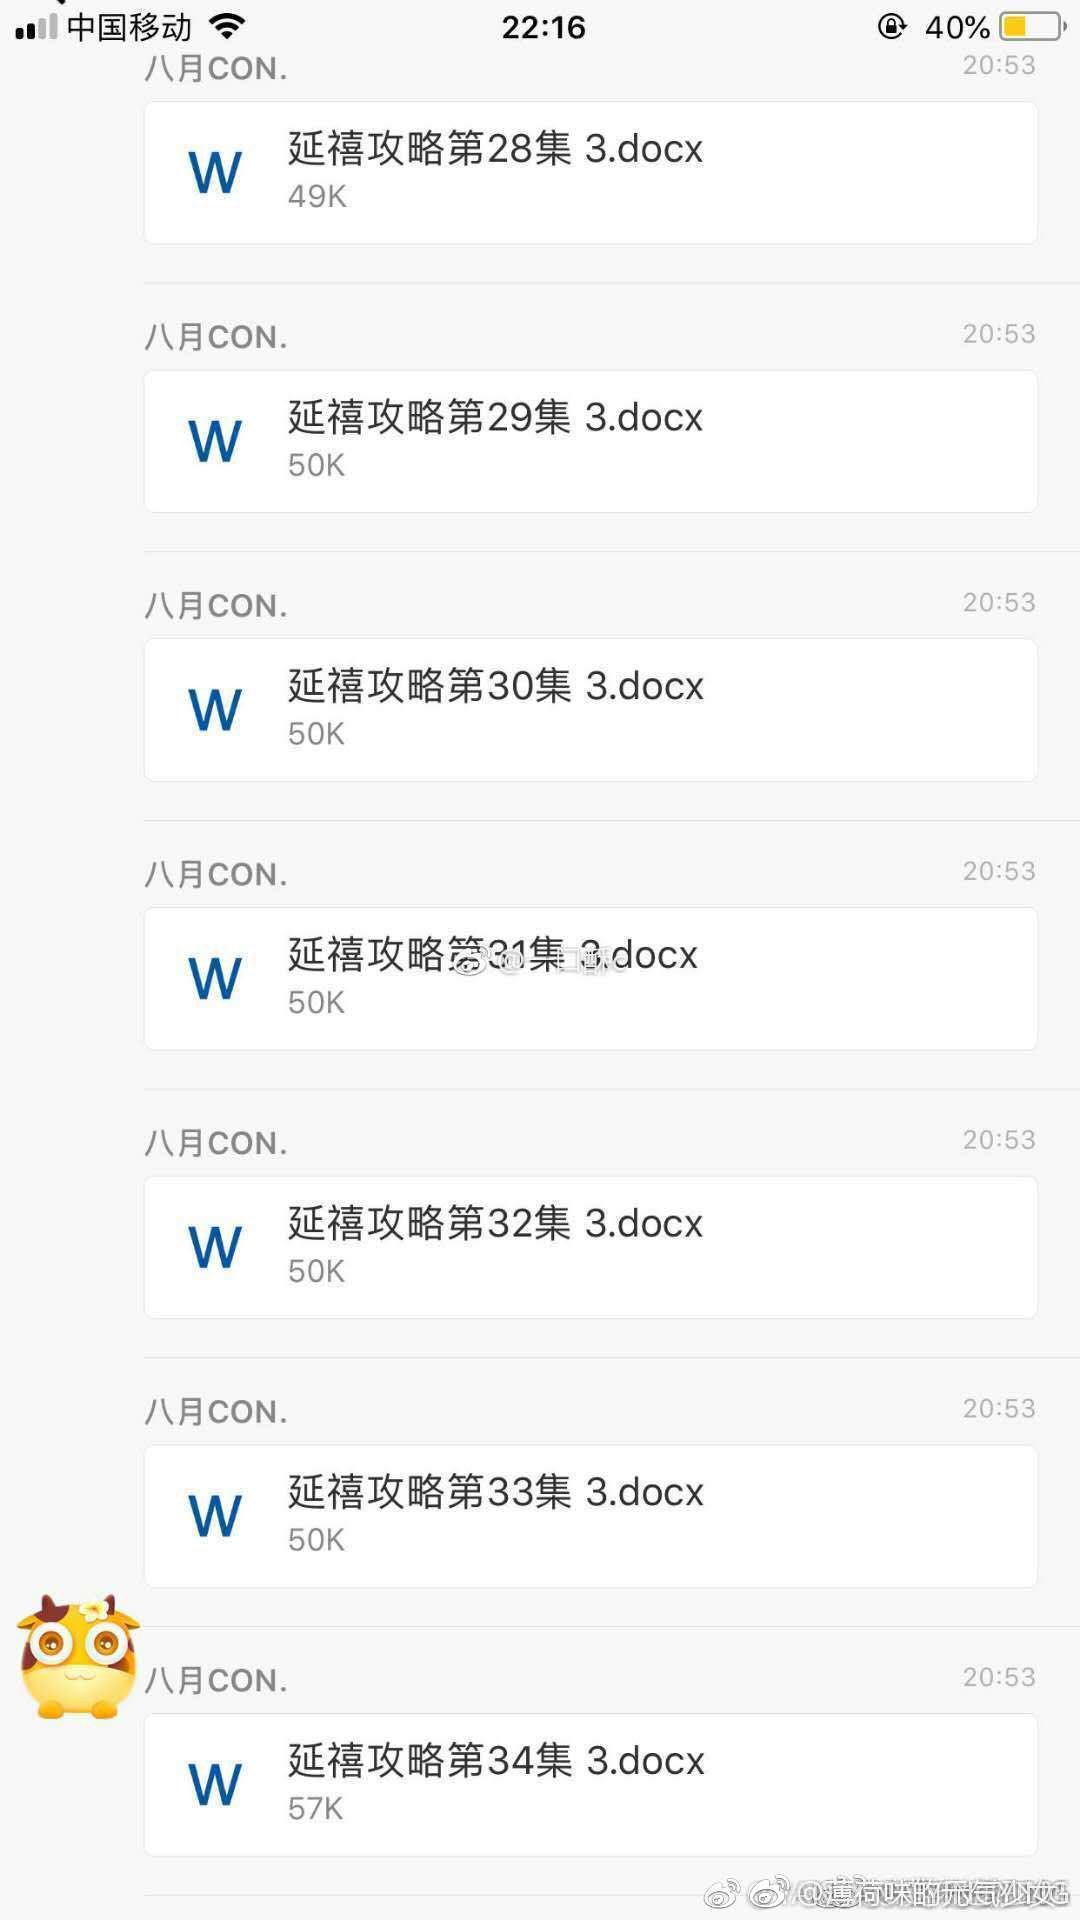 Một vài hình ảnh kịch bản bị leak ở Trung Quốc